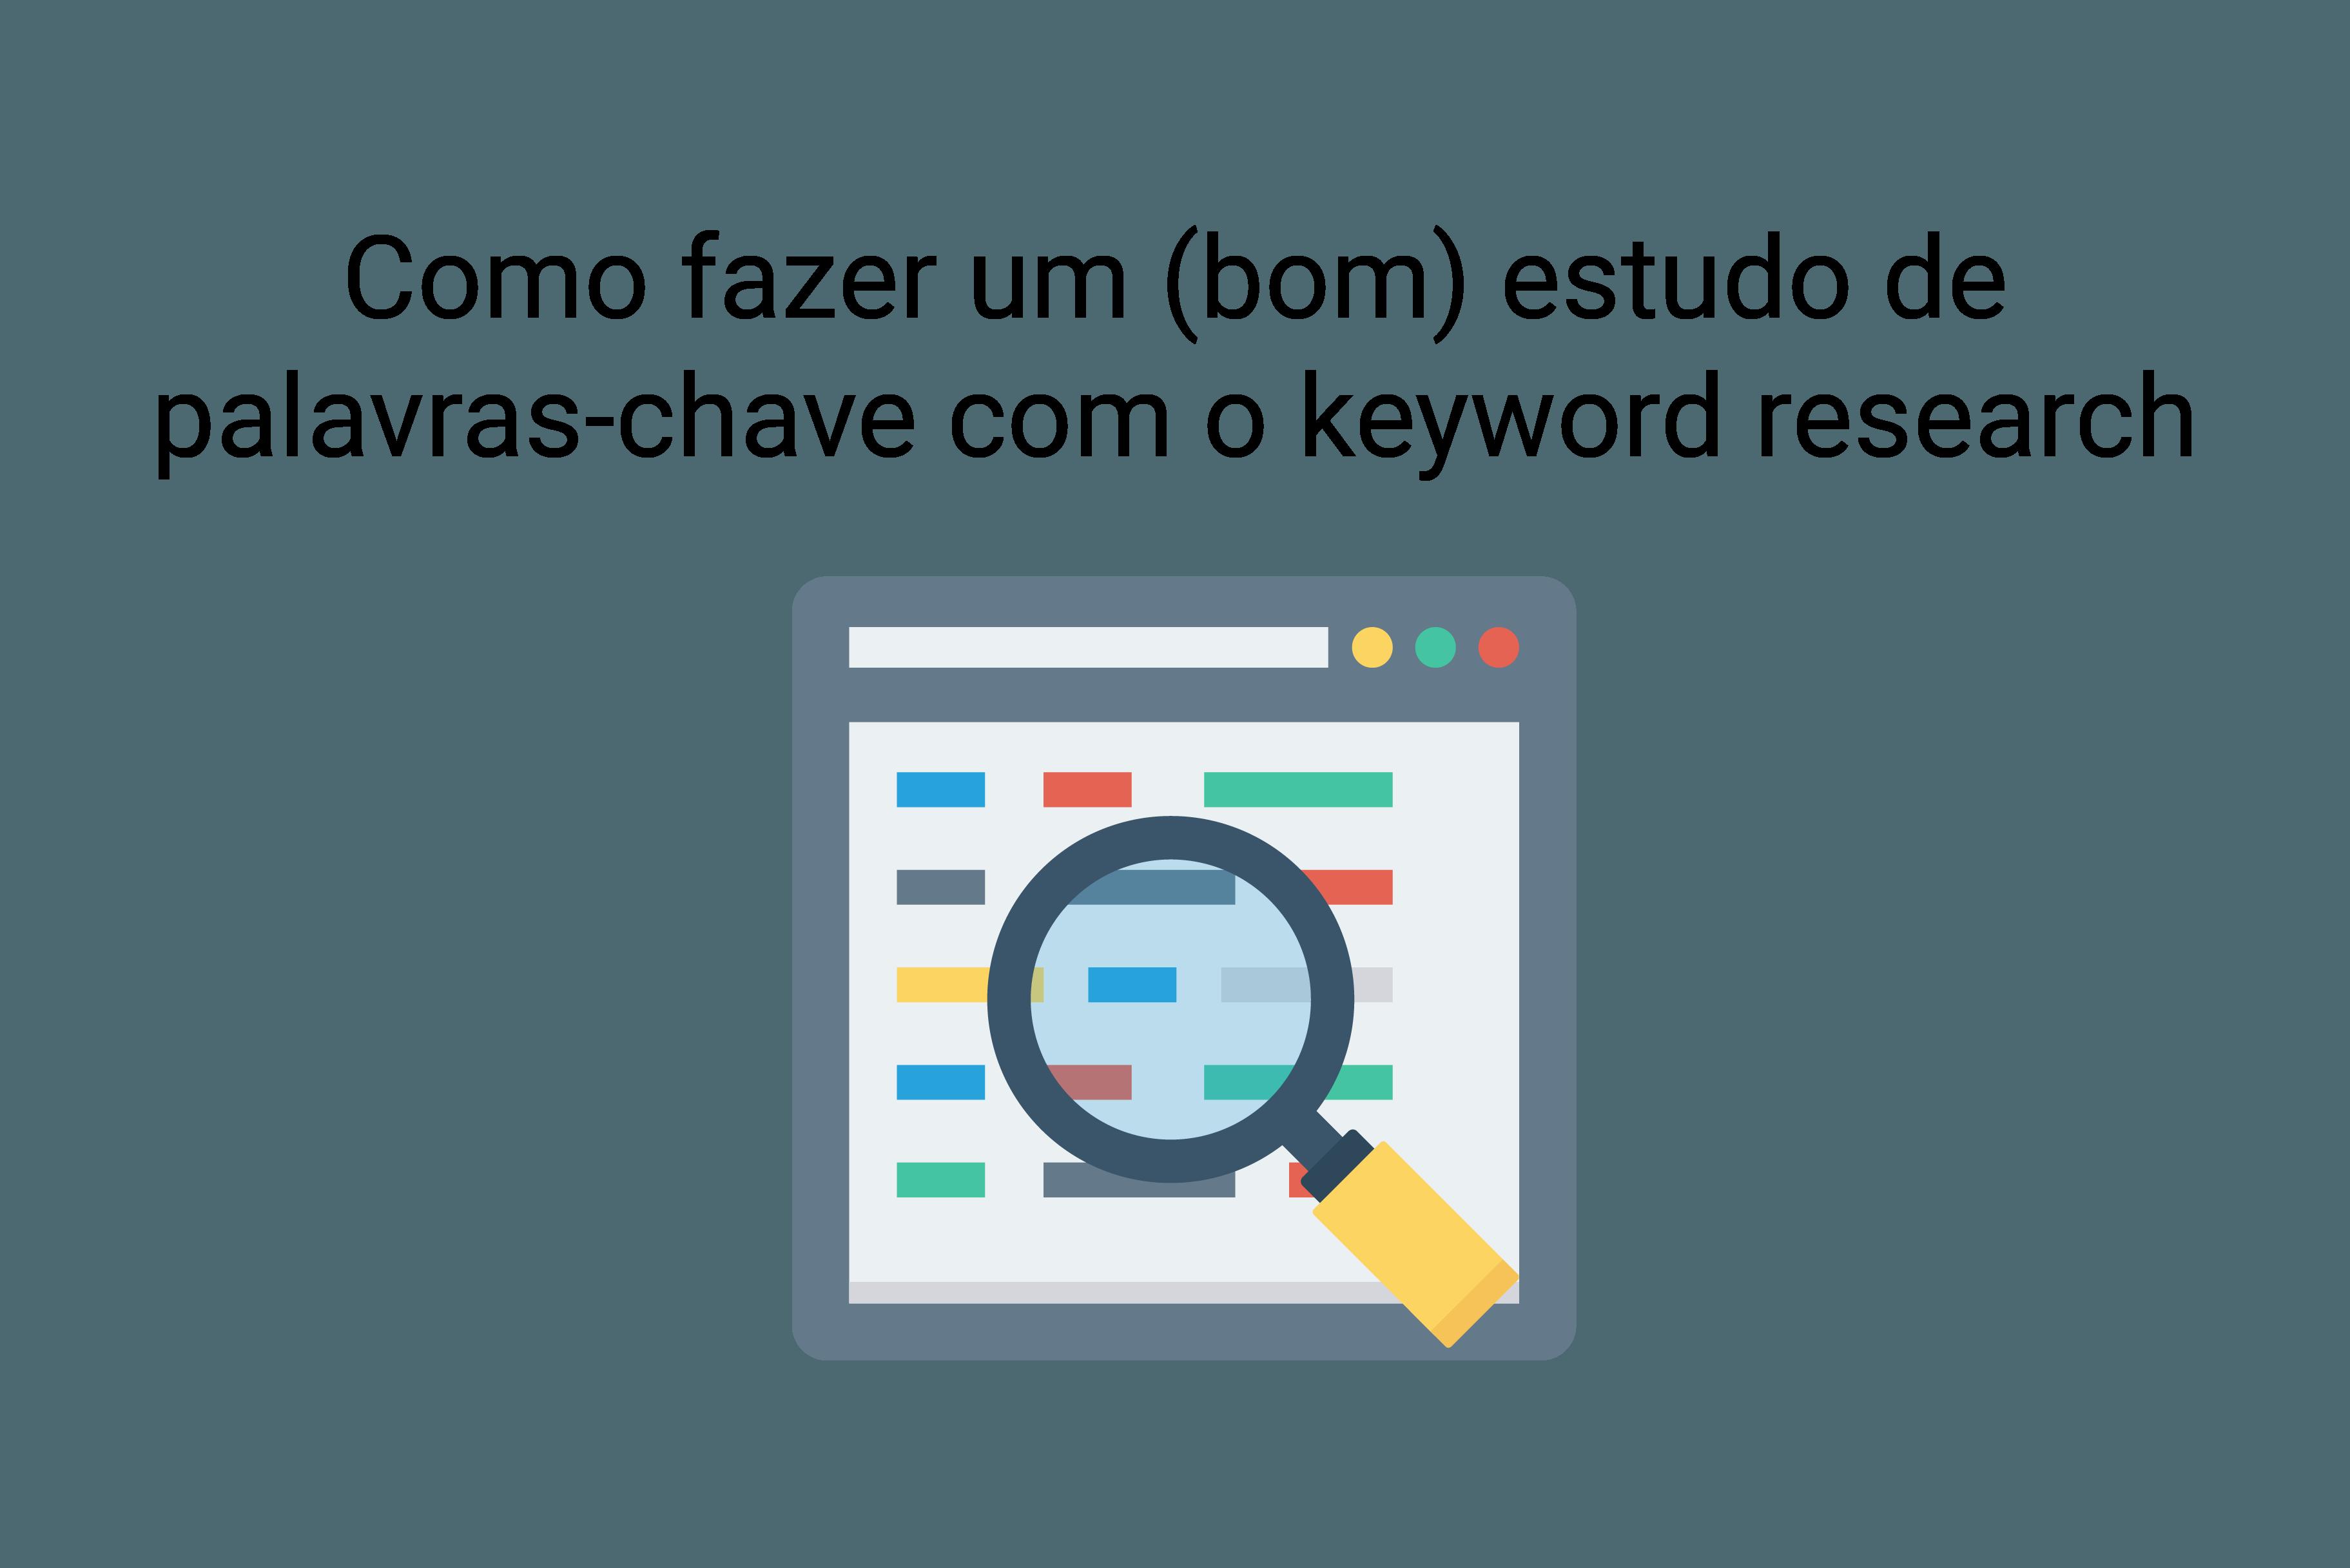 Como fazer um (bom) estudo de palavras-chave com o keyword research